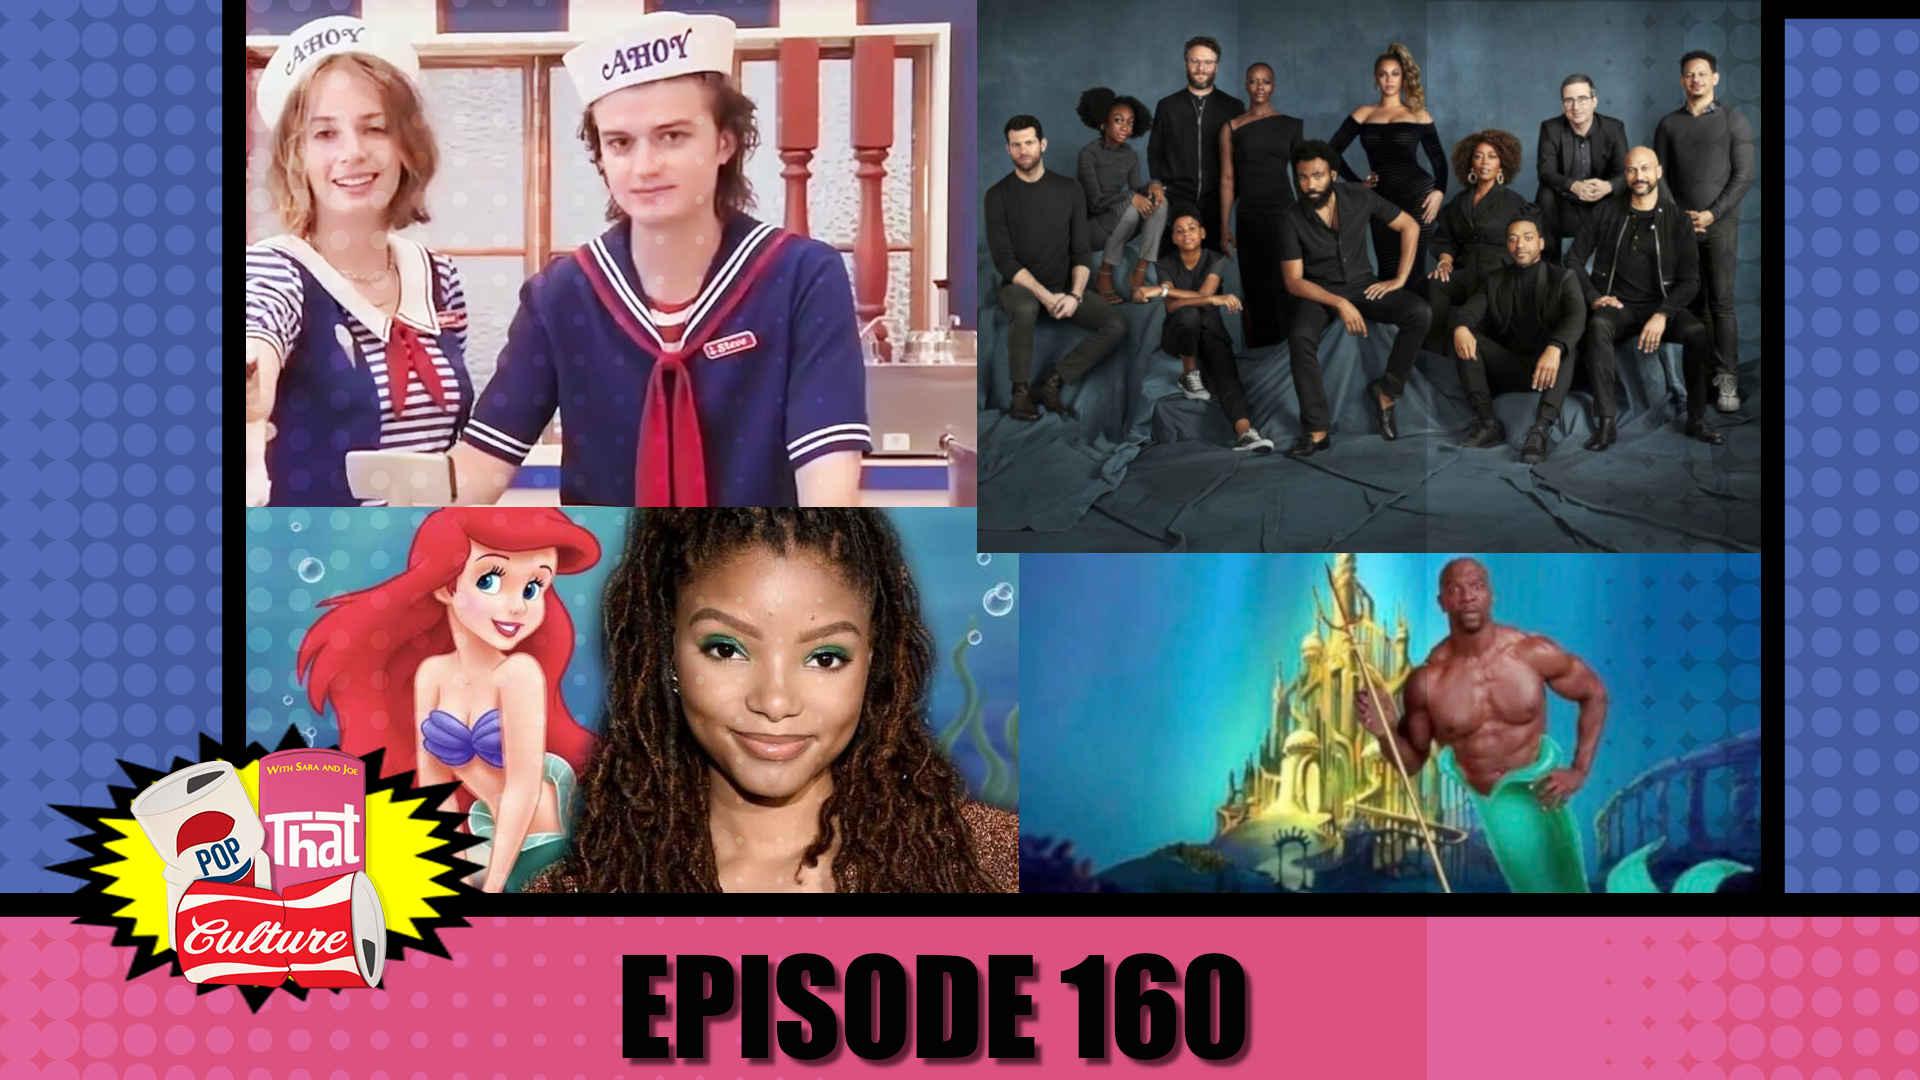 Pop That Culture - Episode 160 - Darwinism